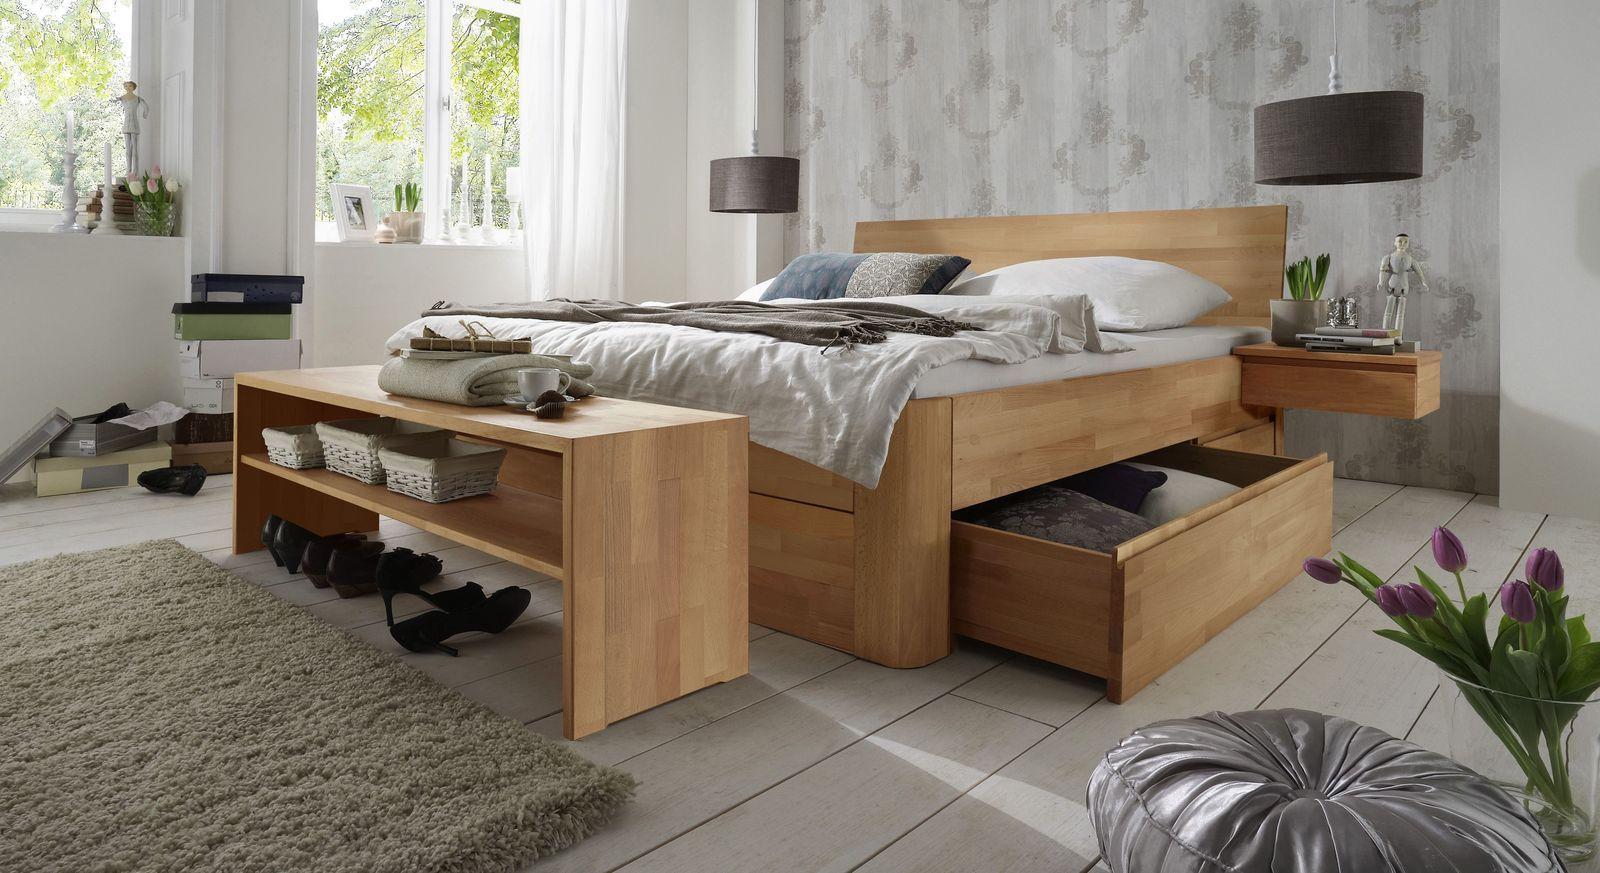 """SchubkastenDoppelbett """"Zarbo"""" Schlafzimmer massivholz"""